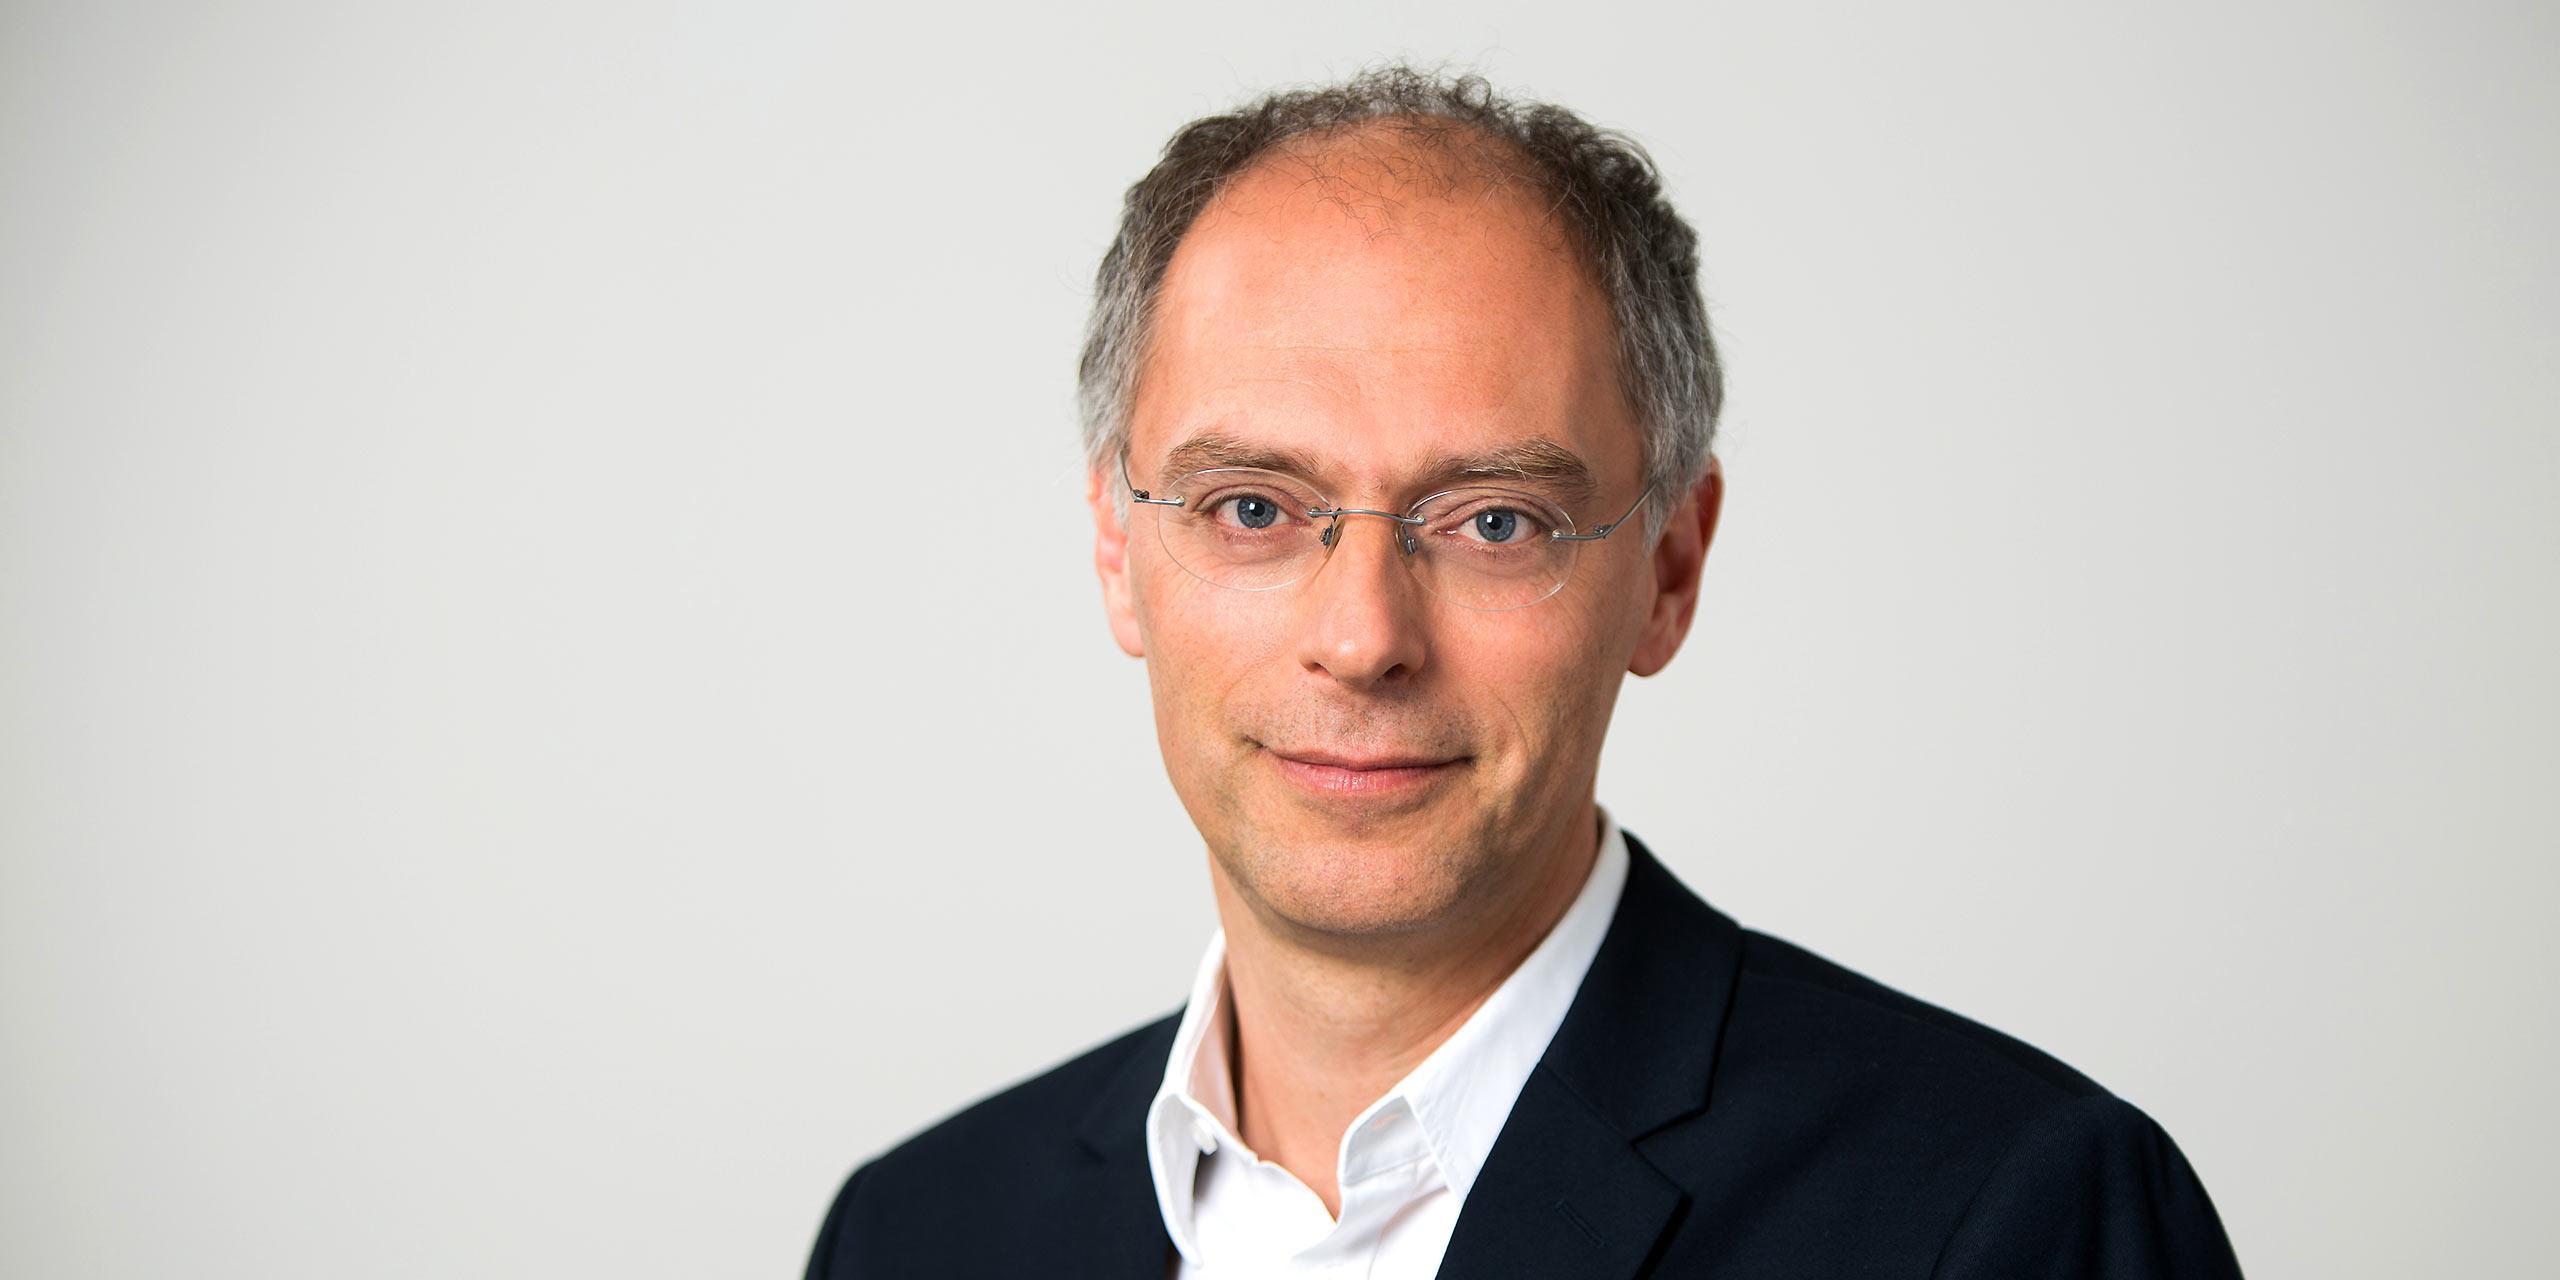 DI Christian Kornherr - Leiter des Bereiches Untersuchung